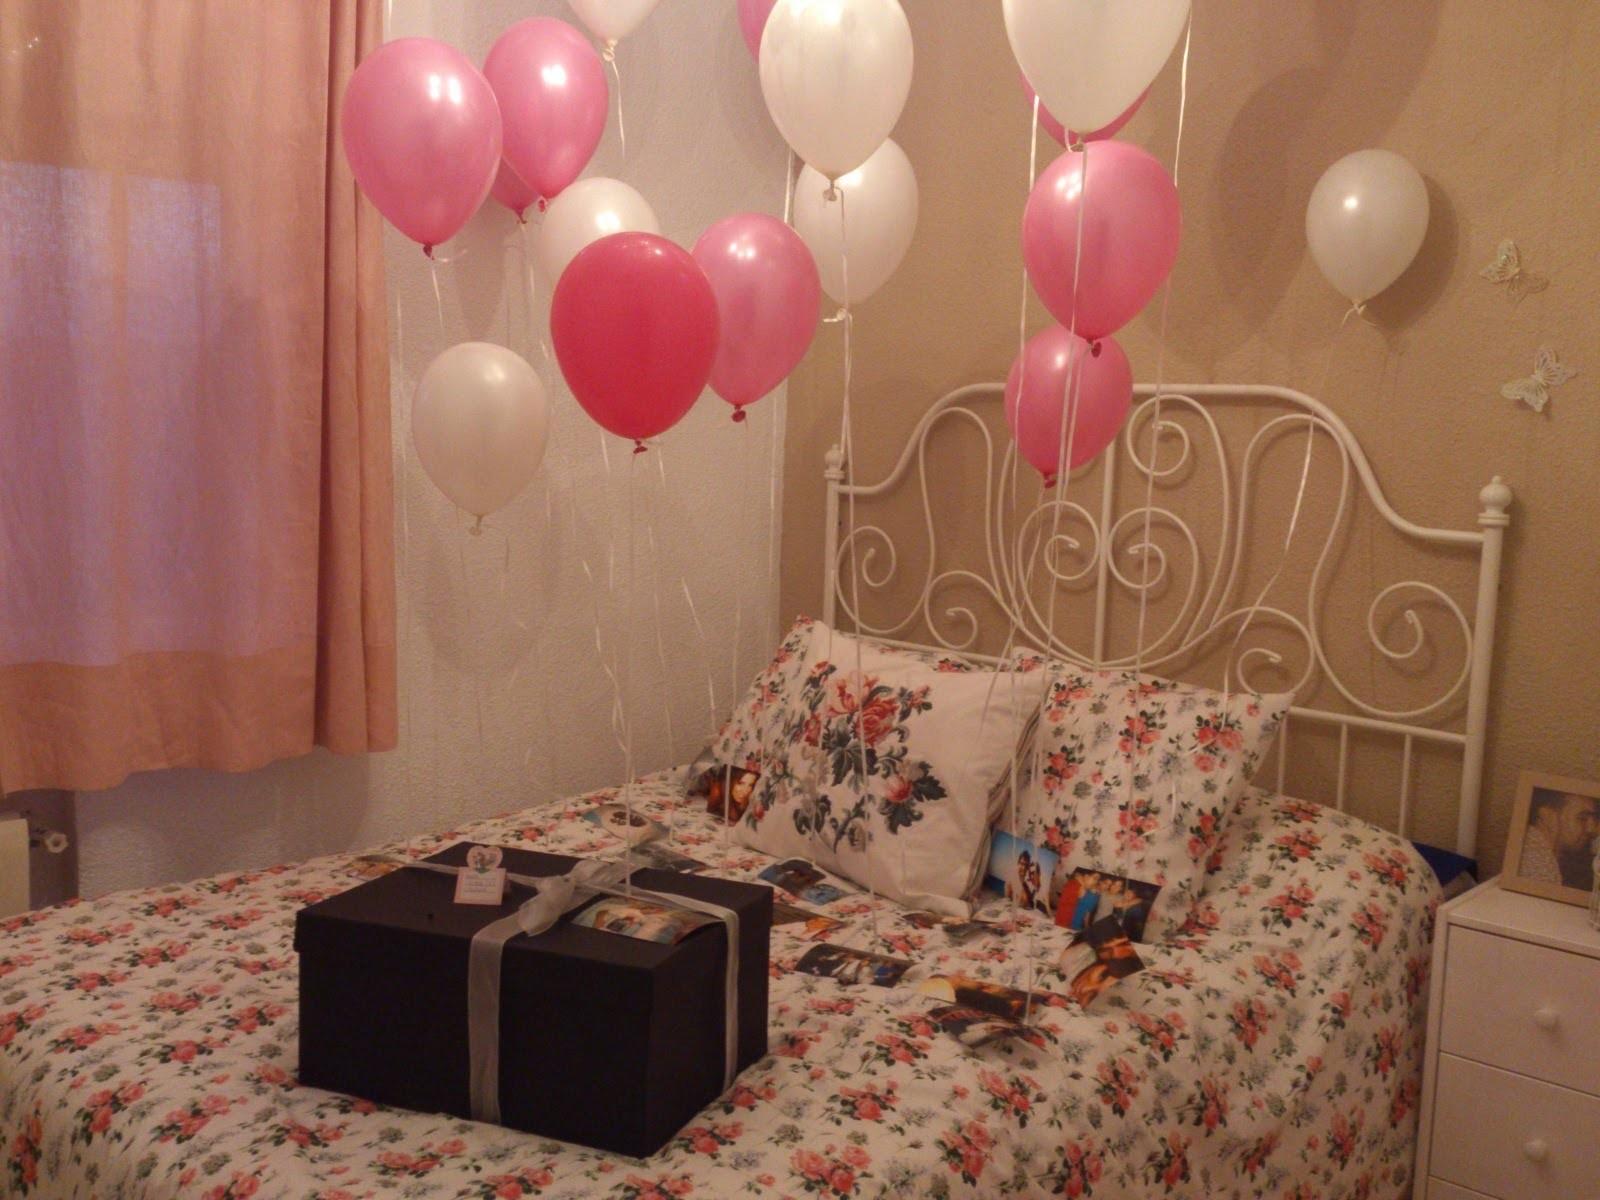 Cómo hacer un regalo sorpresa  | facilisimo.com